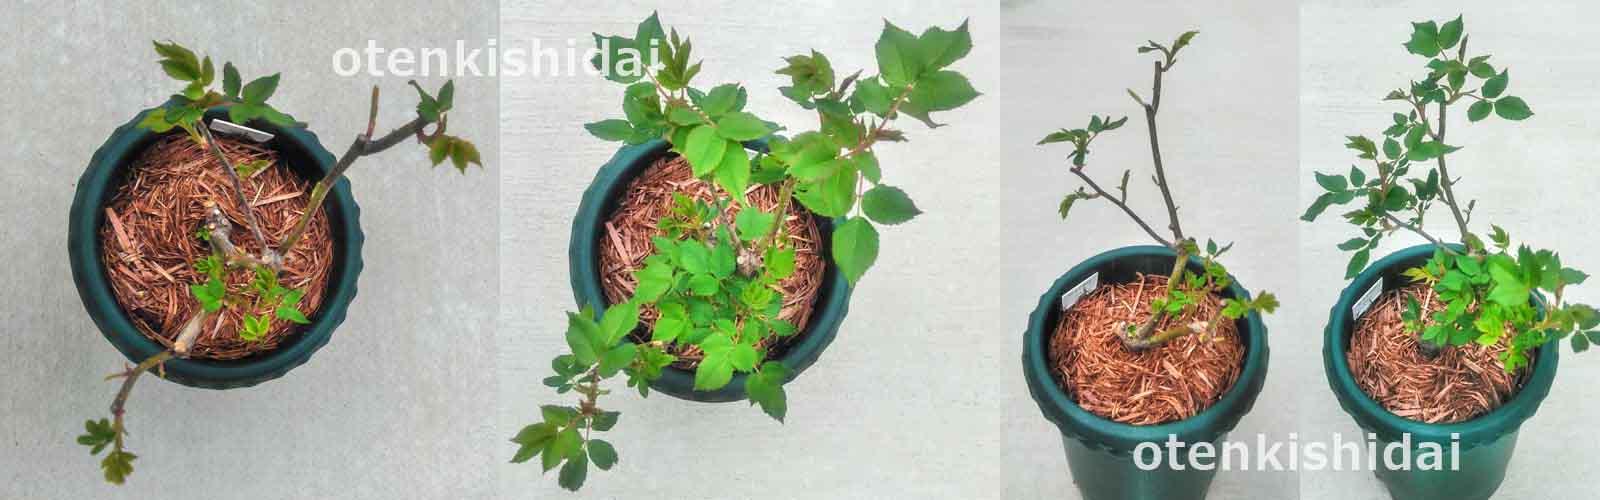 ラレーヌビクトリアの芽吹き